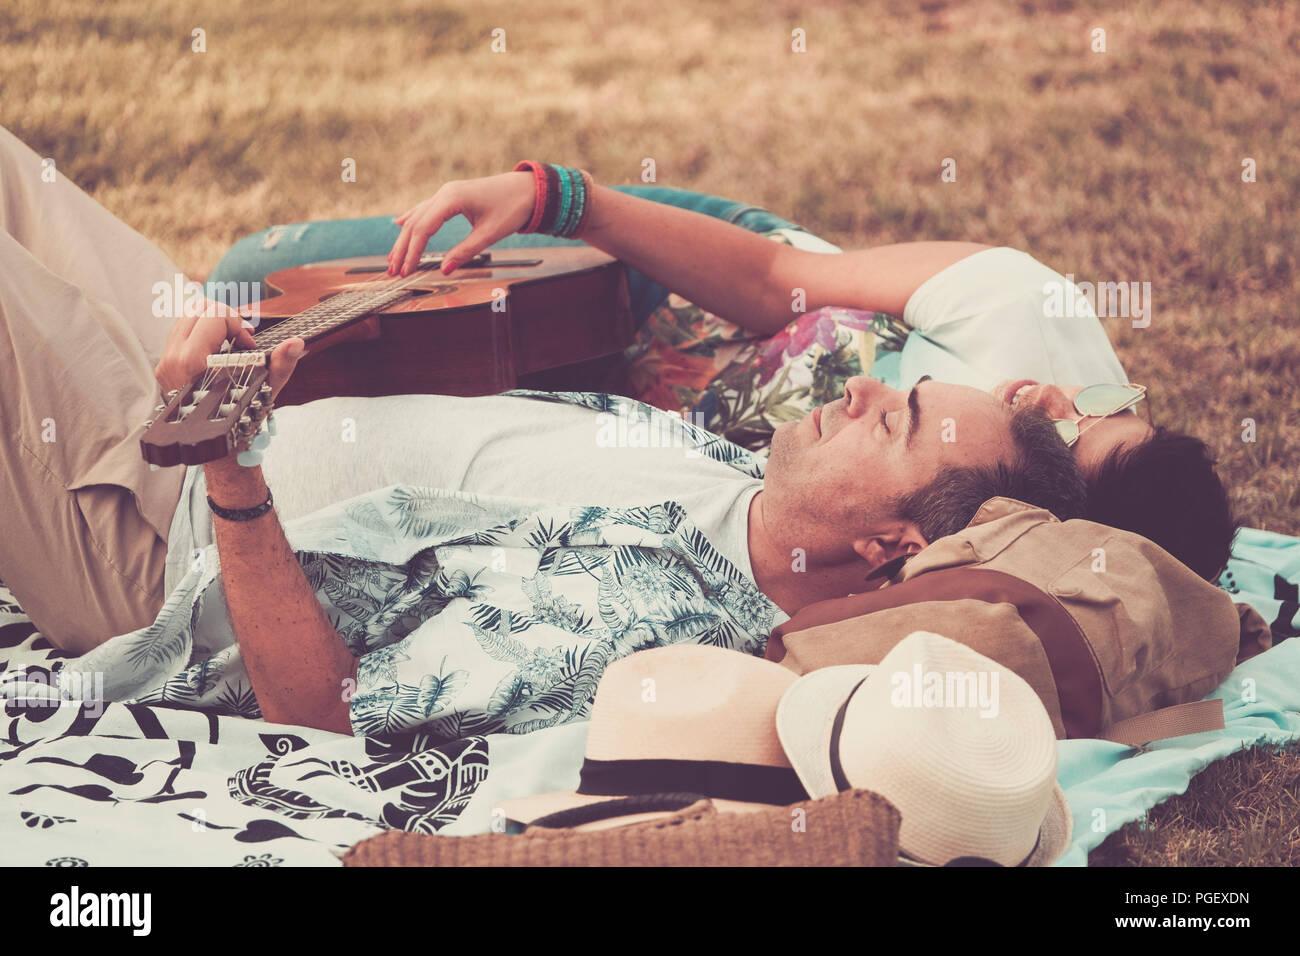 Felice e rilassato allegro giovane che stabilisce in erba naturale e godervi la piscina esterna le attività per il tempo libero con un buon tempo nella stagione primaverile. l uomo pl Immagini Stock